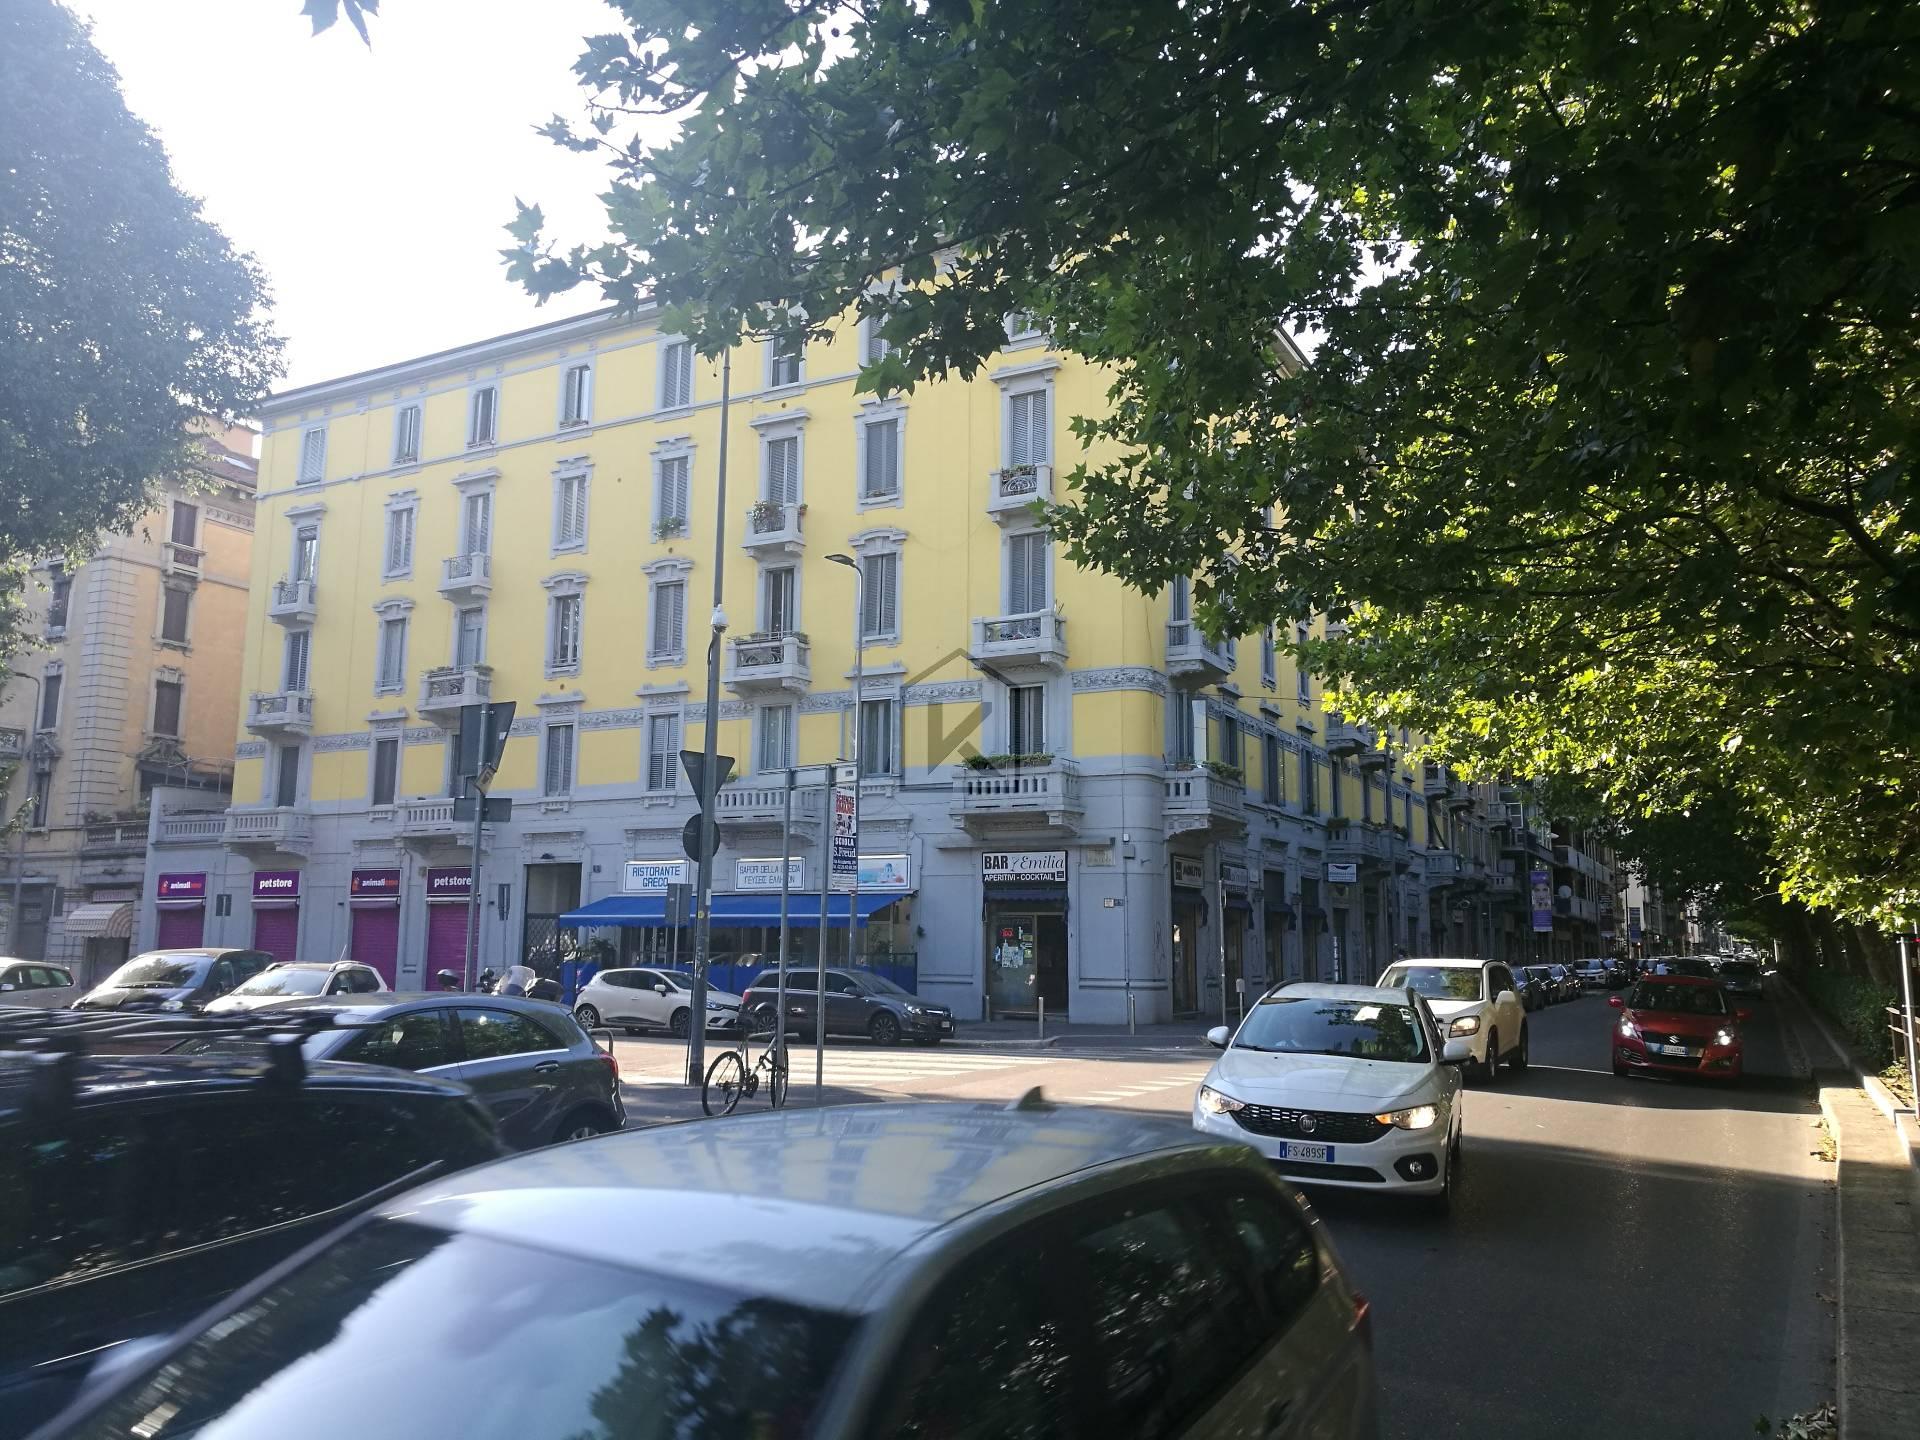 Negozio-locale in Vendita a Milano: 2 locali, 55 mq